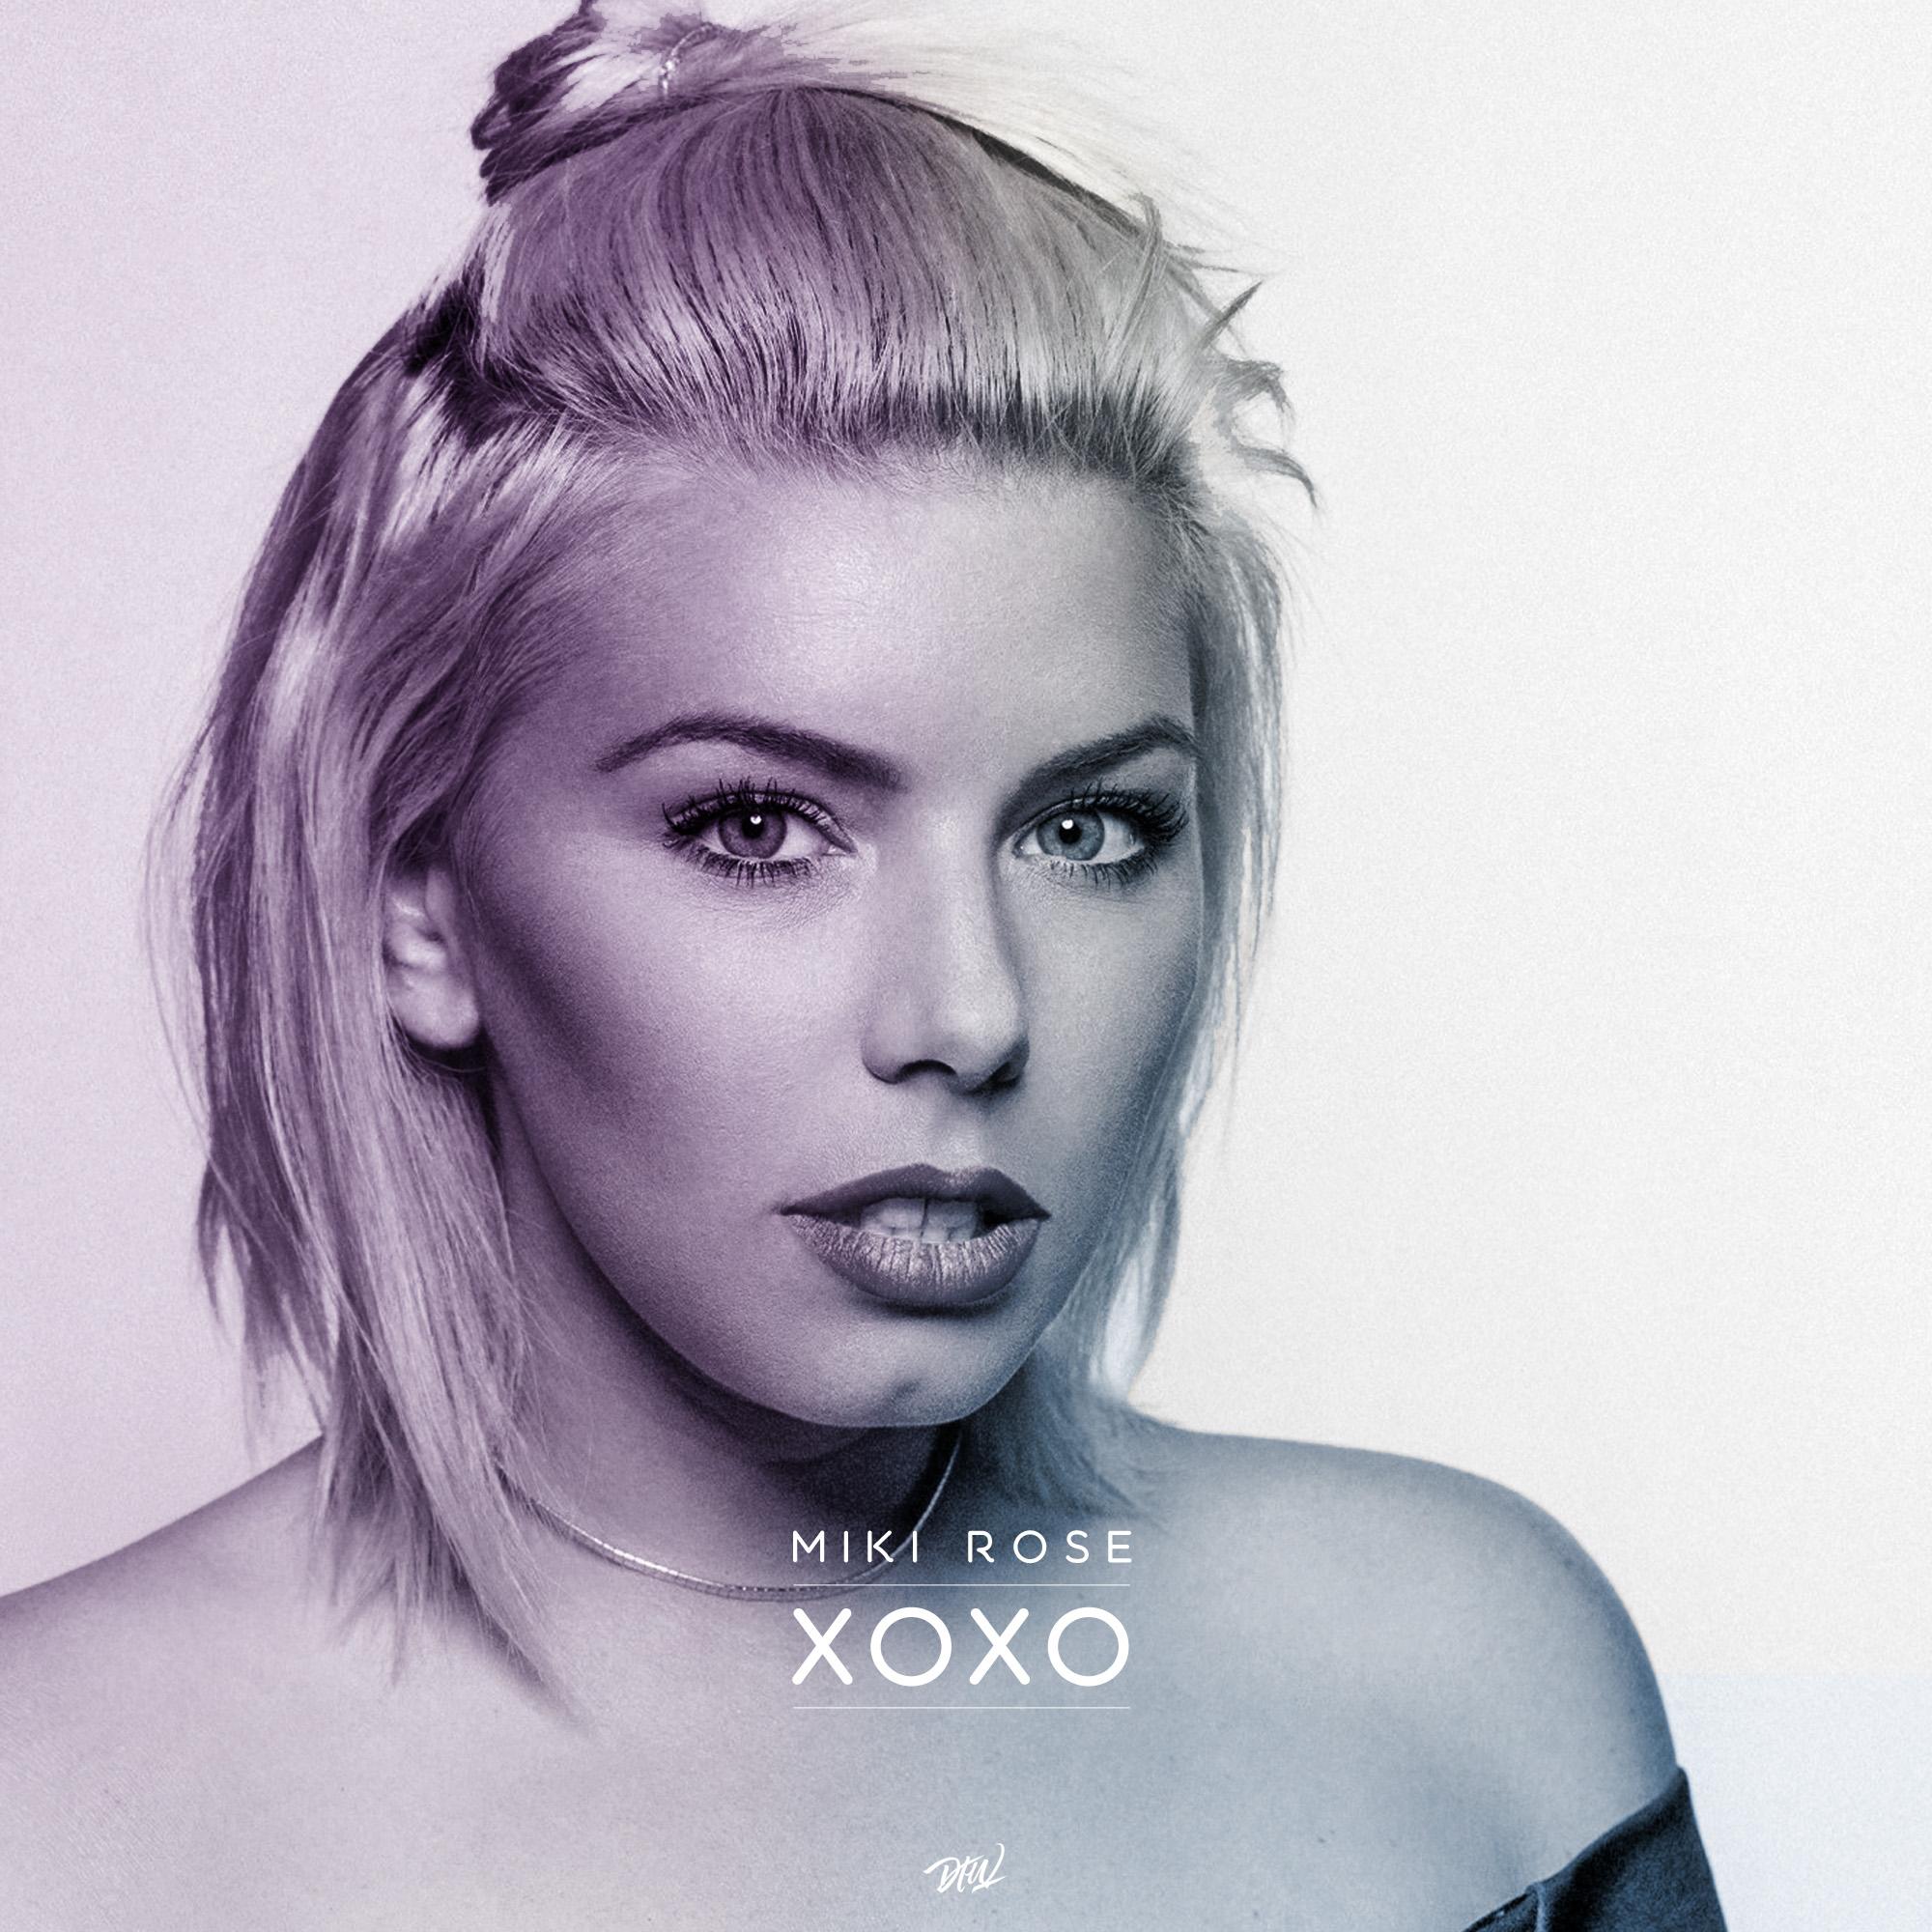 Miki Rose - XOXO